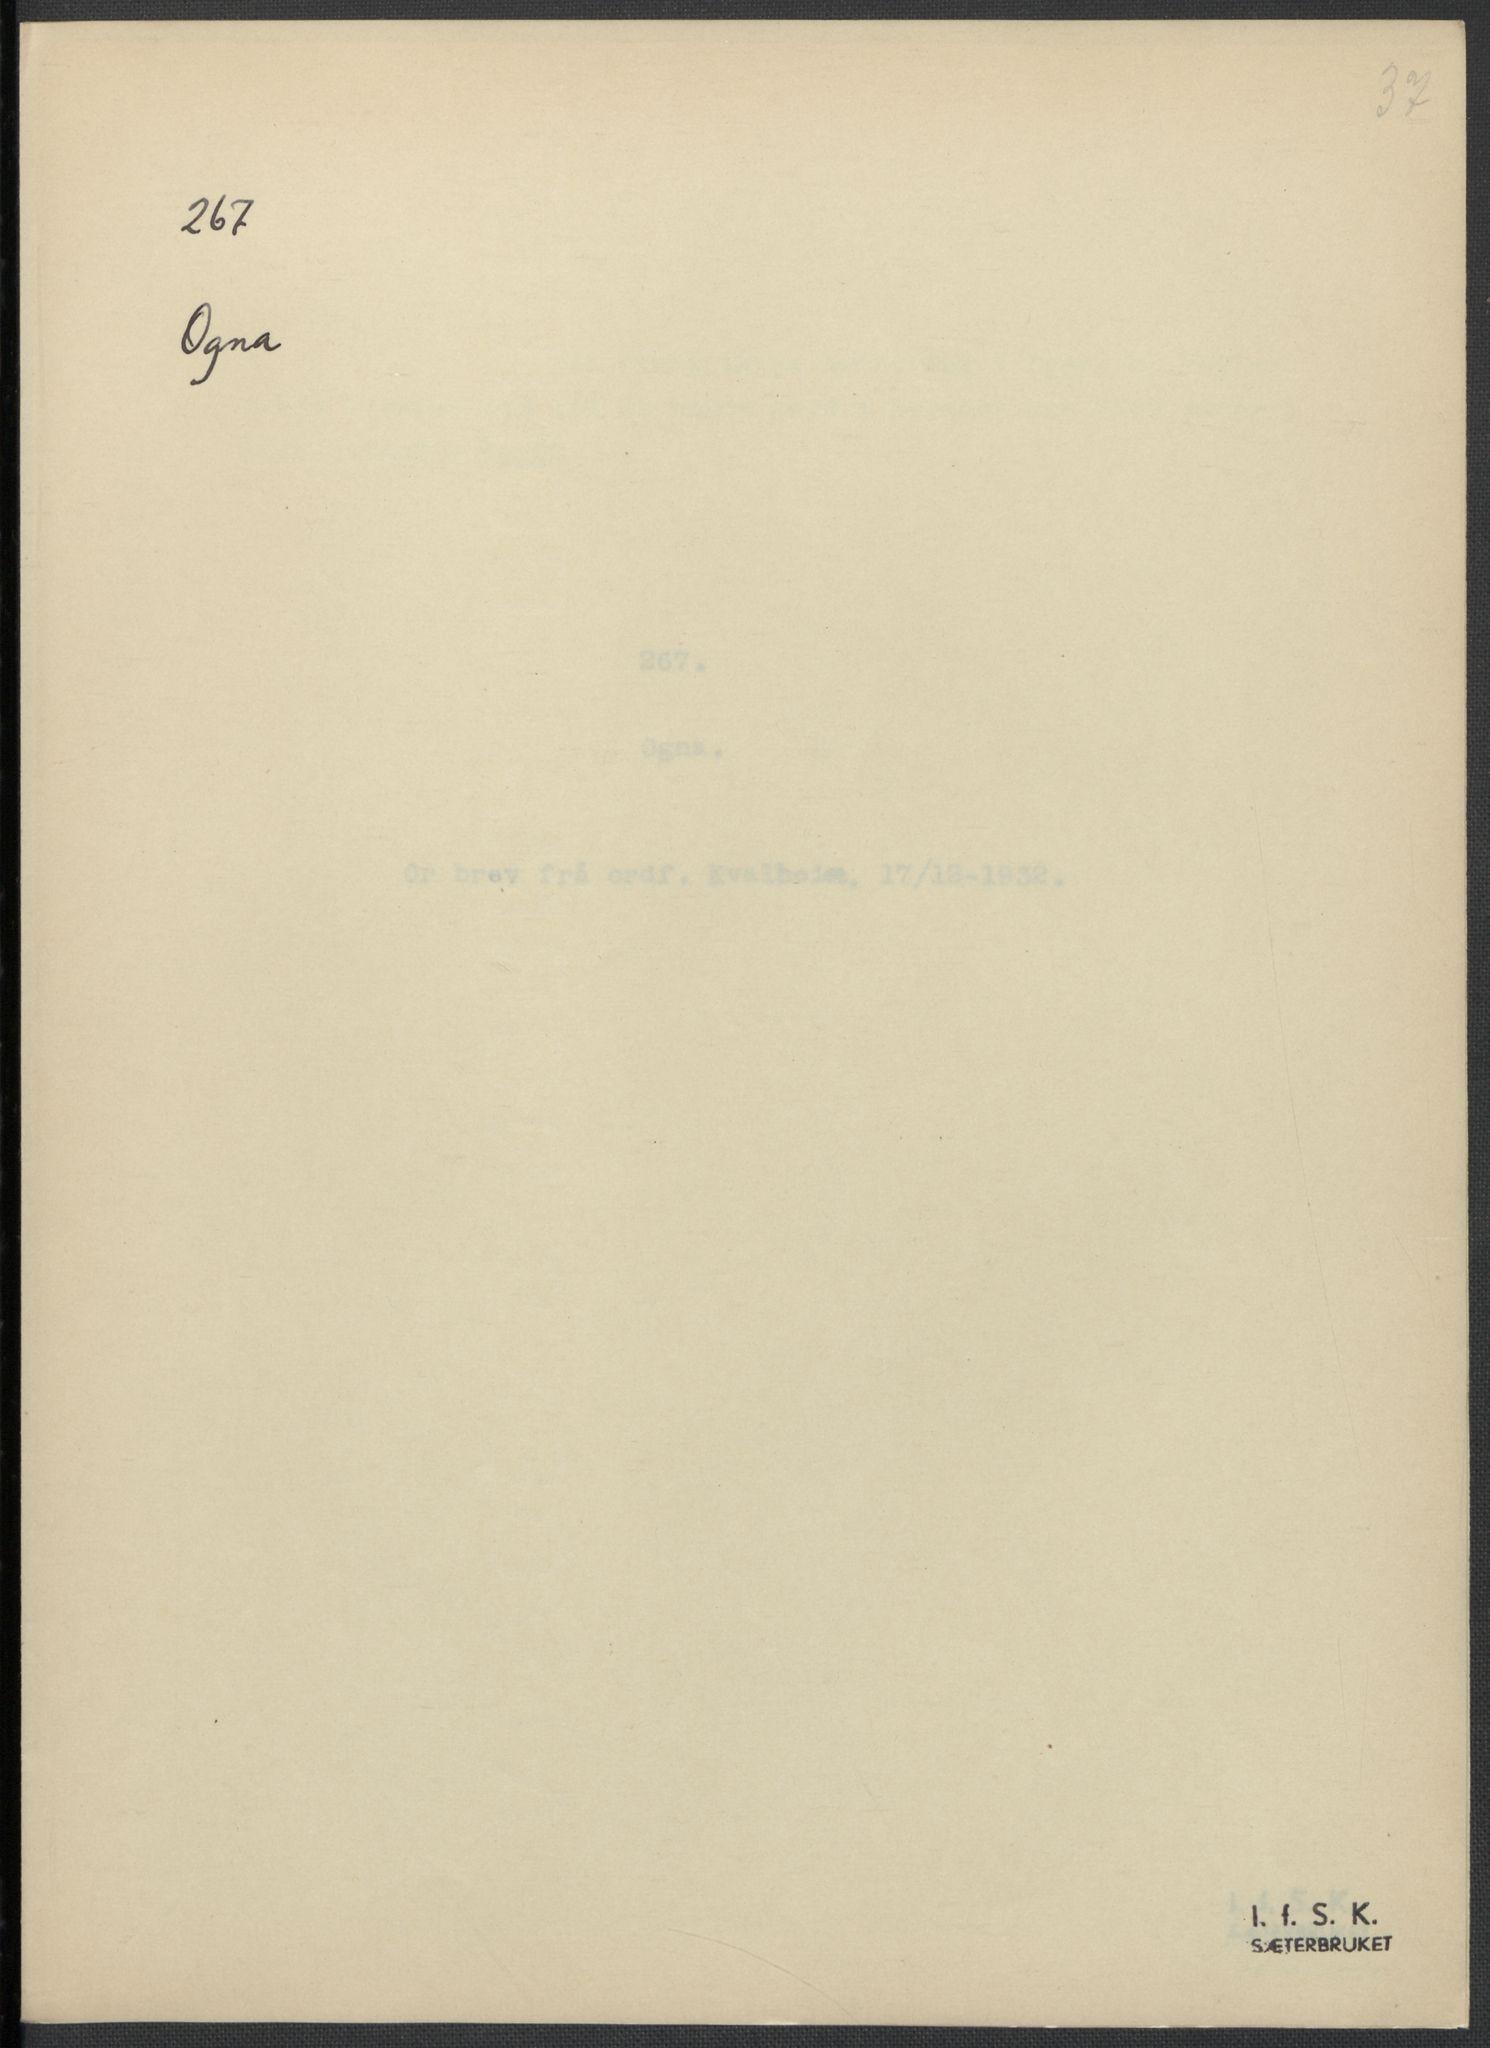 RA, Instituttet for sammenlignende kulturforskning, F/Fc/L0009: Eske B9:, 1932-1935, s. 37